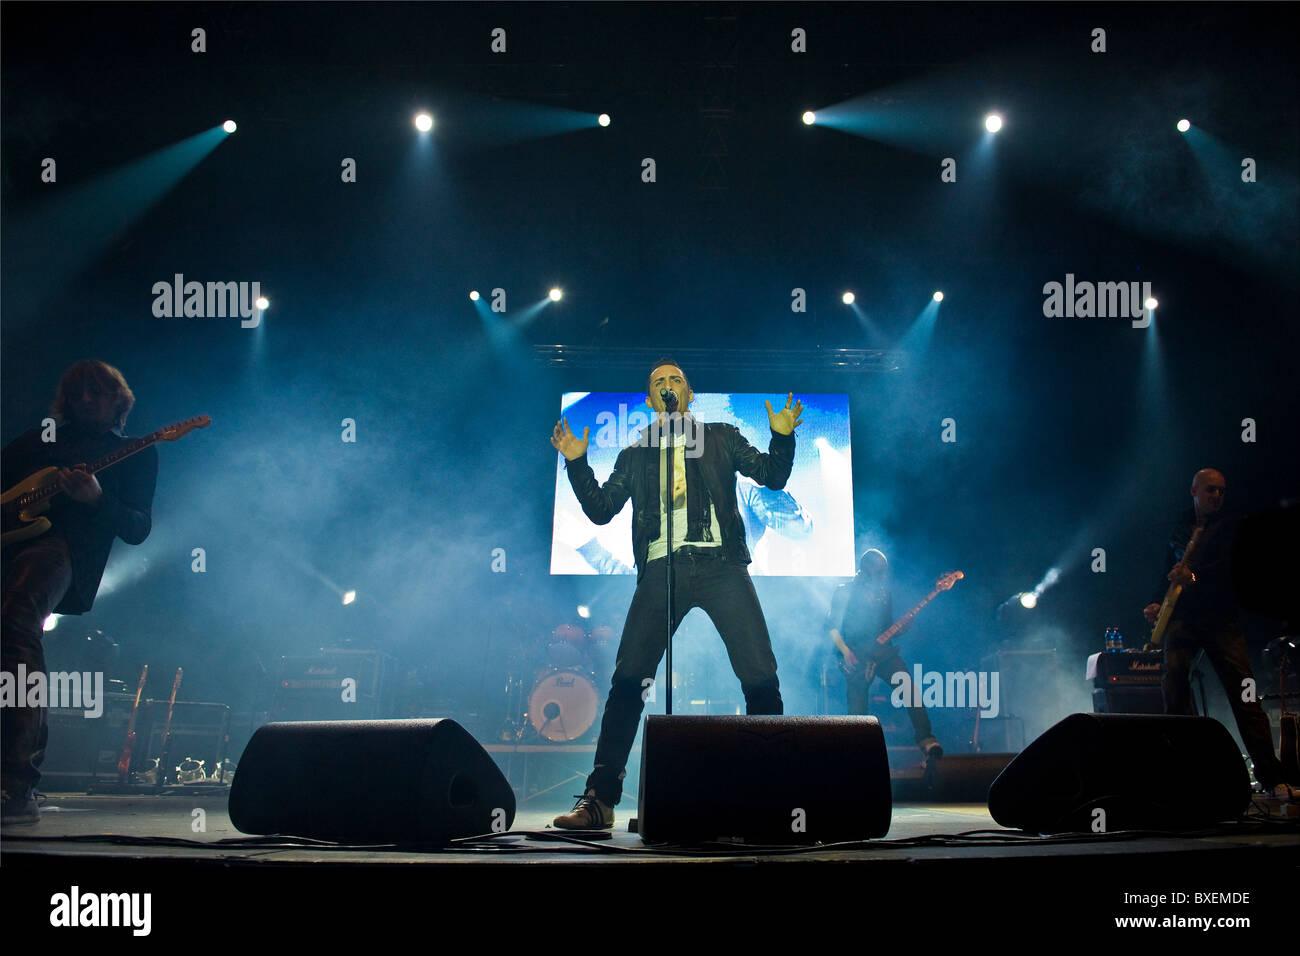 Francesco Silvestre alis Kekko, Modà in concerto, il Palasharp, Milano, Italia (18.12.2010) Immagini Stock